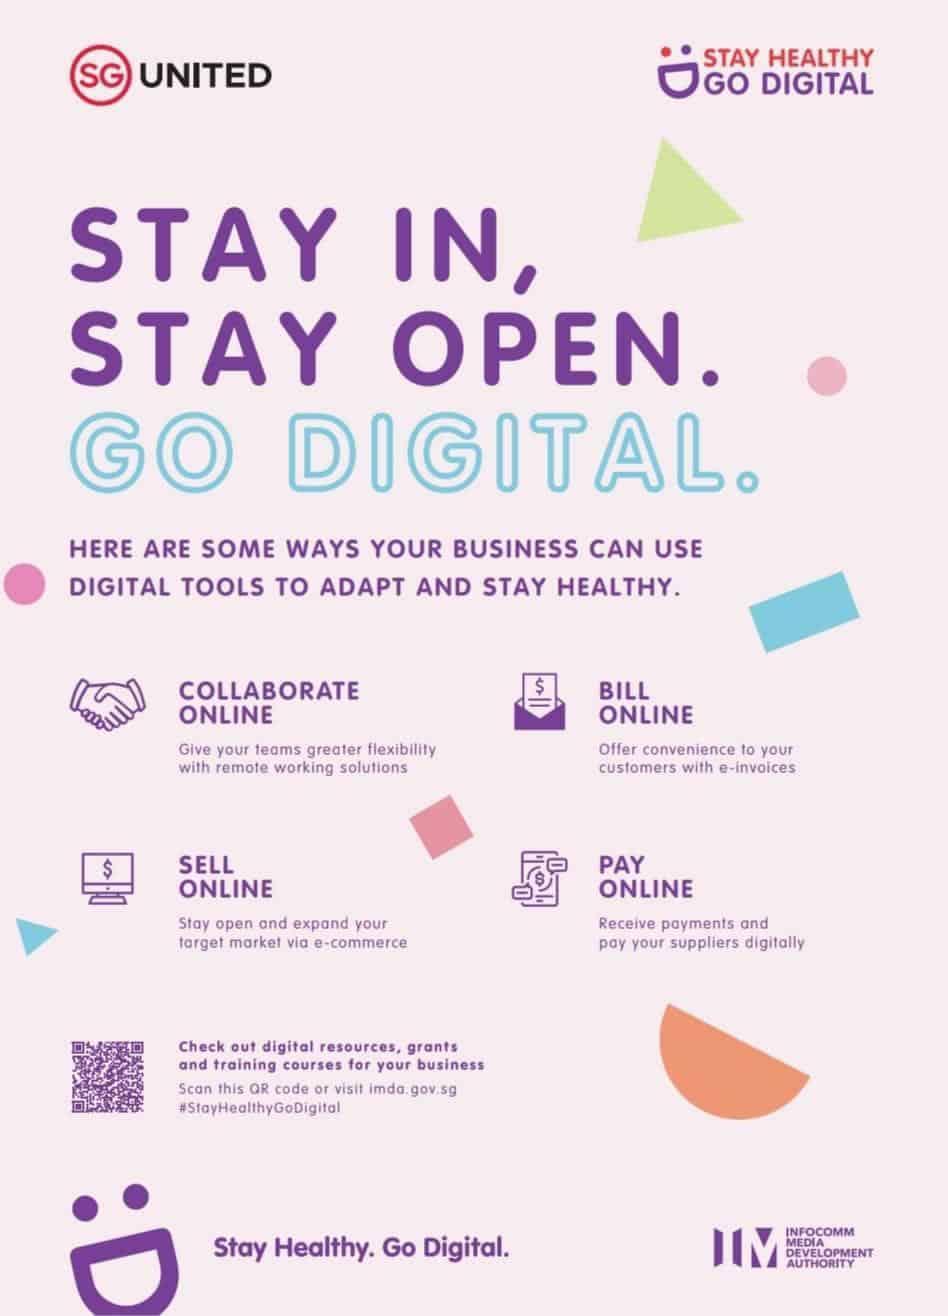 Stay In, Stay Open. Go Digital.